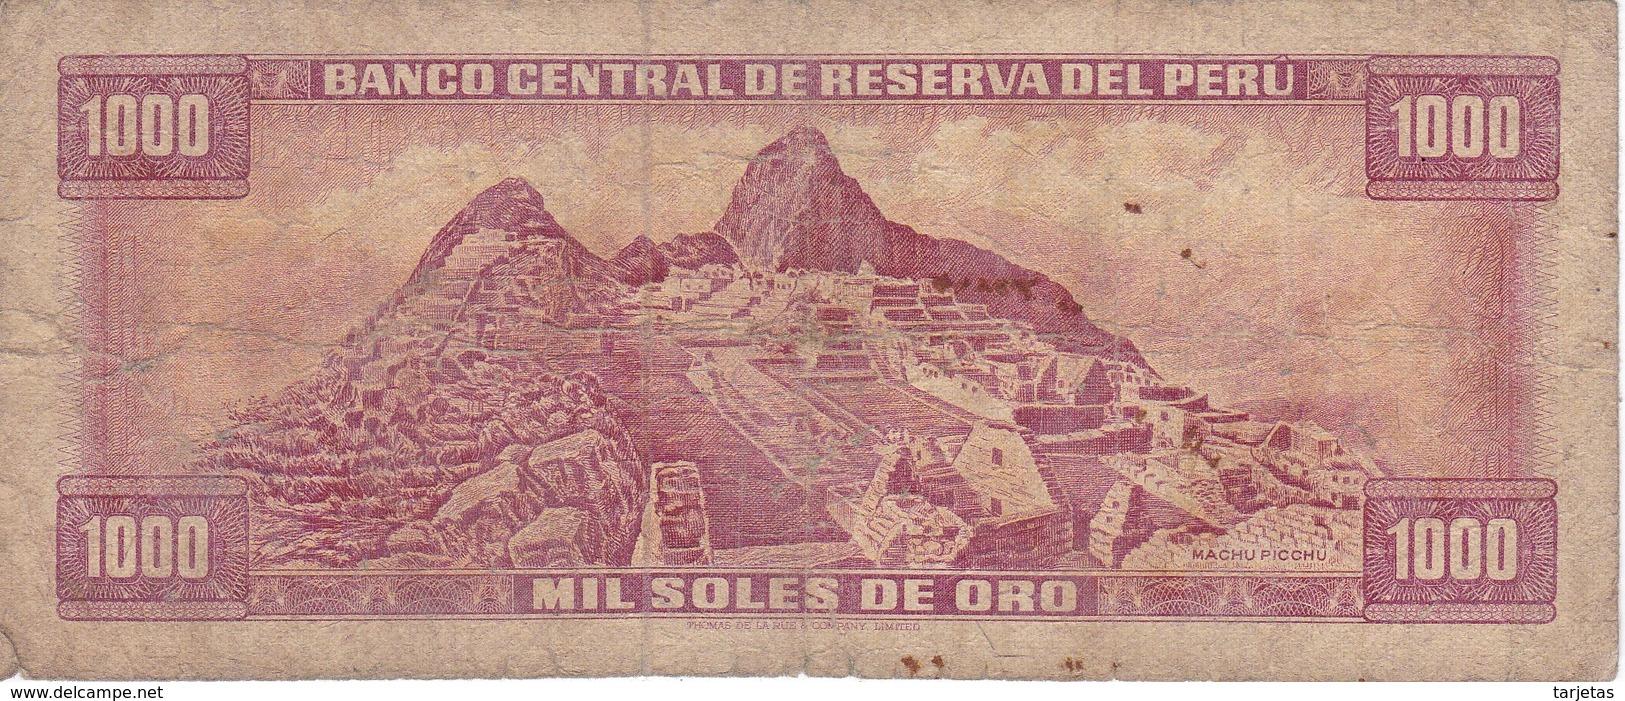 BILLETE DE PERU DE 1000 SOLES DE ORO DEL AÑO 1975 (BANKNOTE) - Perú